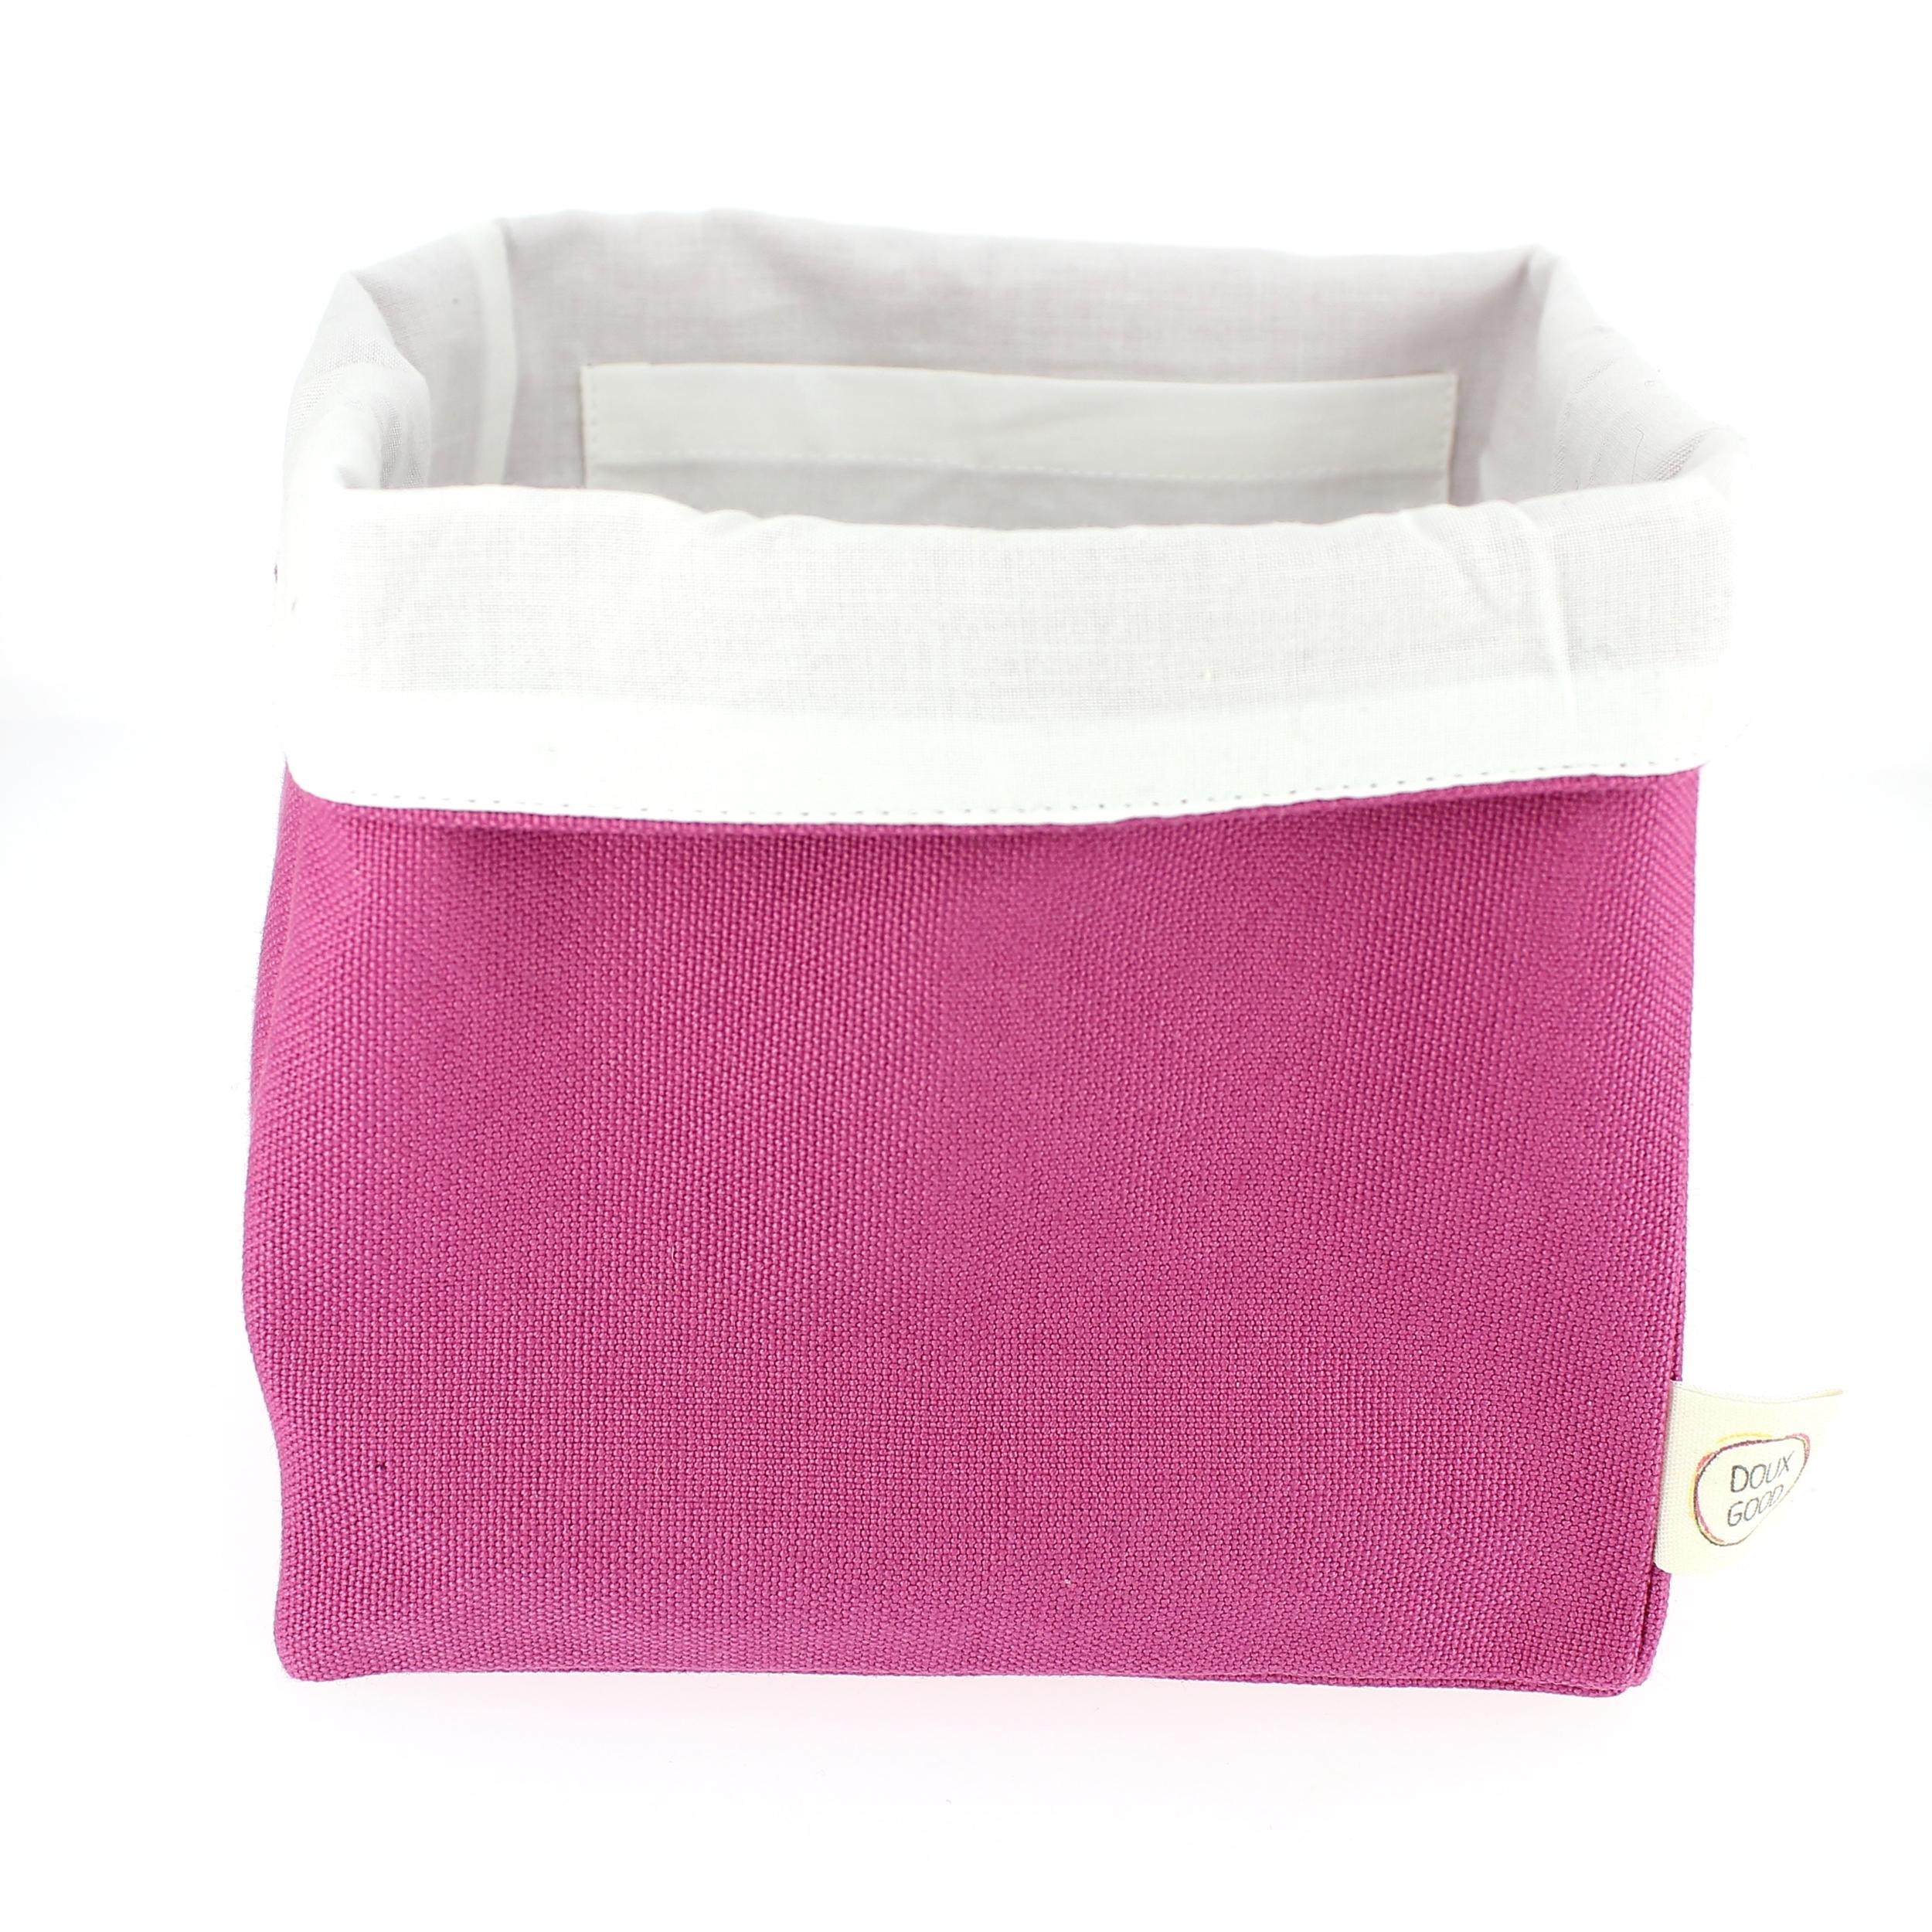 Doux Good - trousse enfant en coton bio - corbeille rose